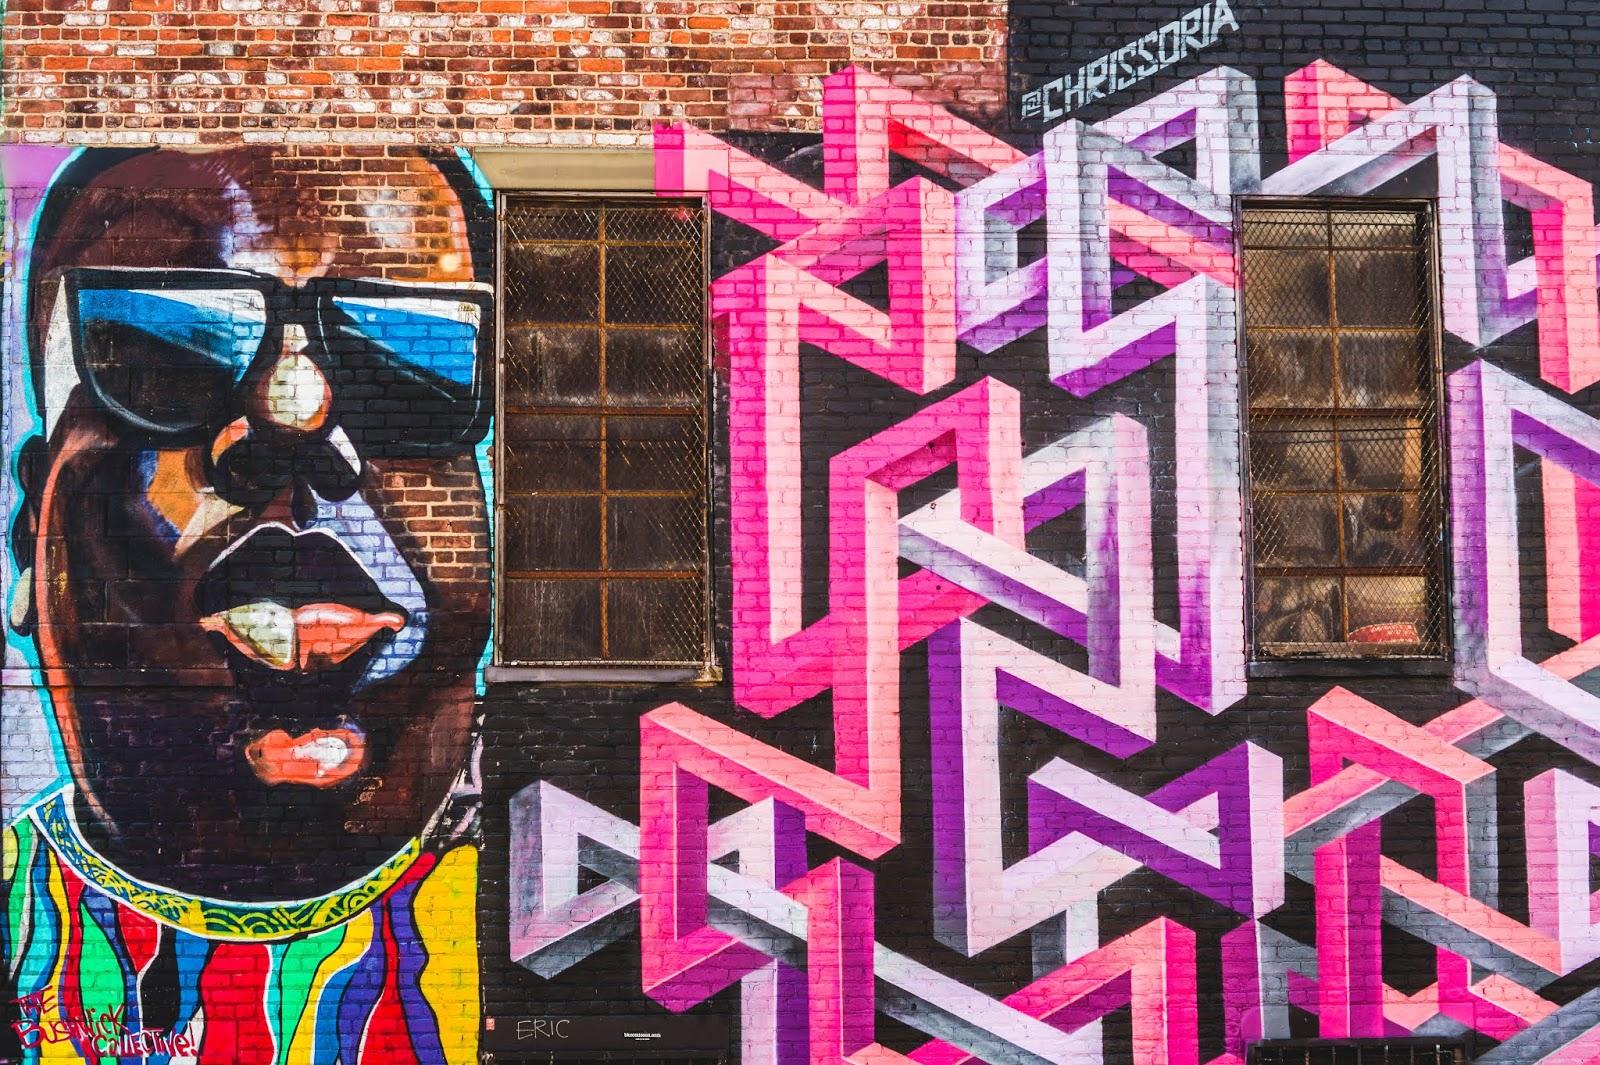 quartier street art Bushwick new york